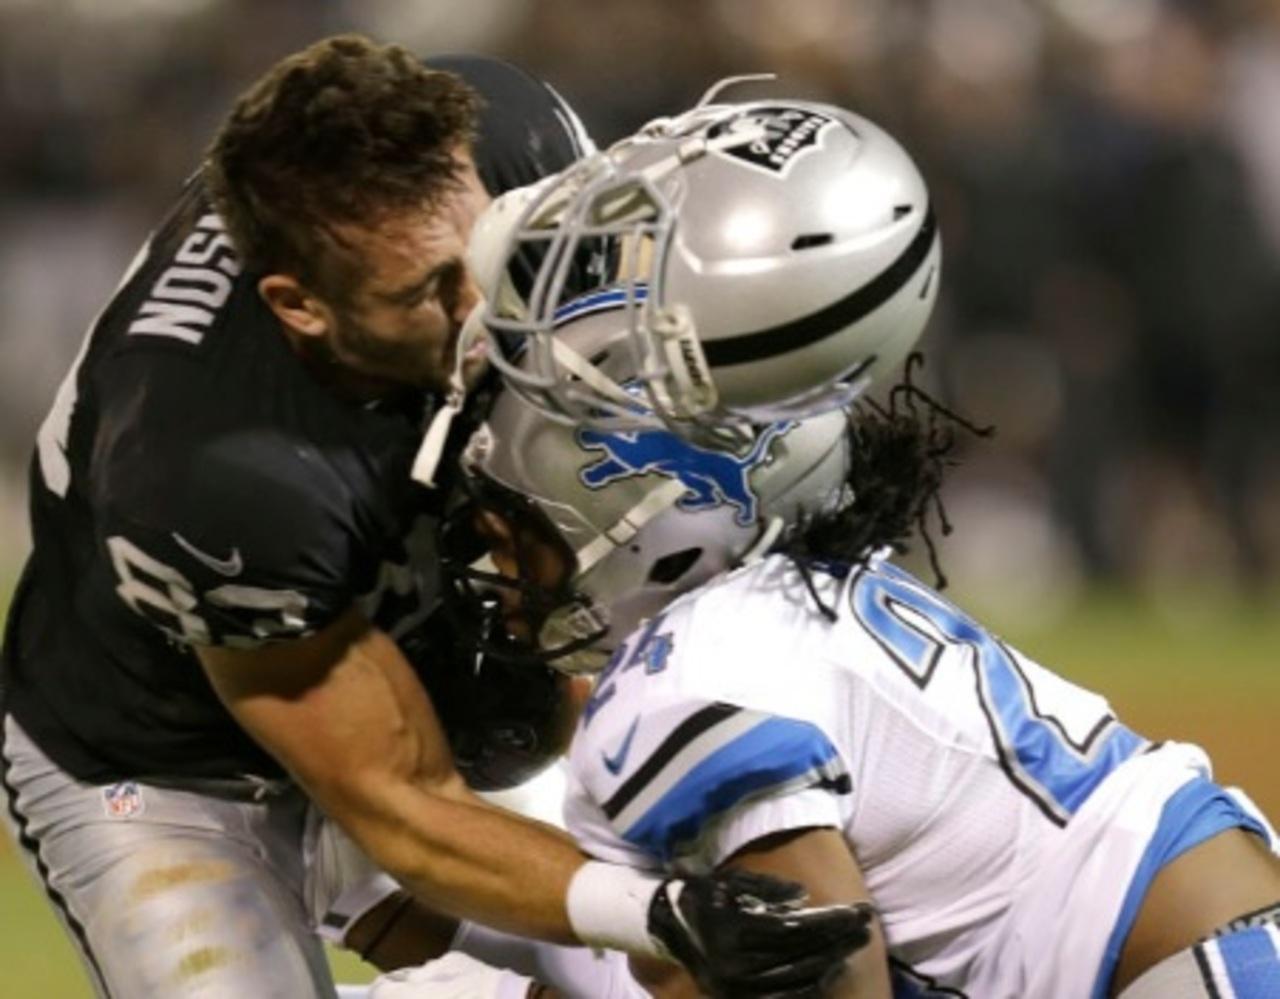 Resultado de imagen para FOTOS JUGADORES CONMOCION ADOS NFL